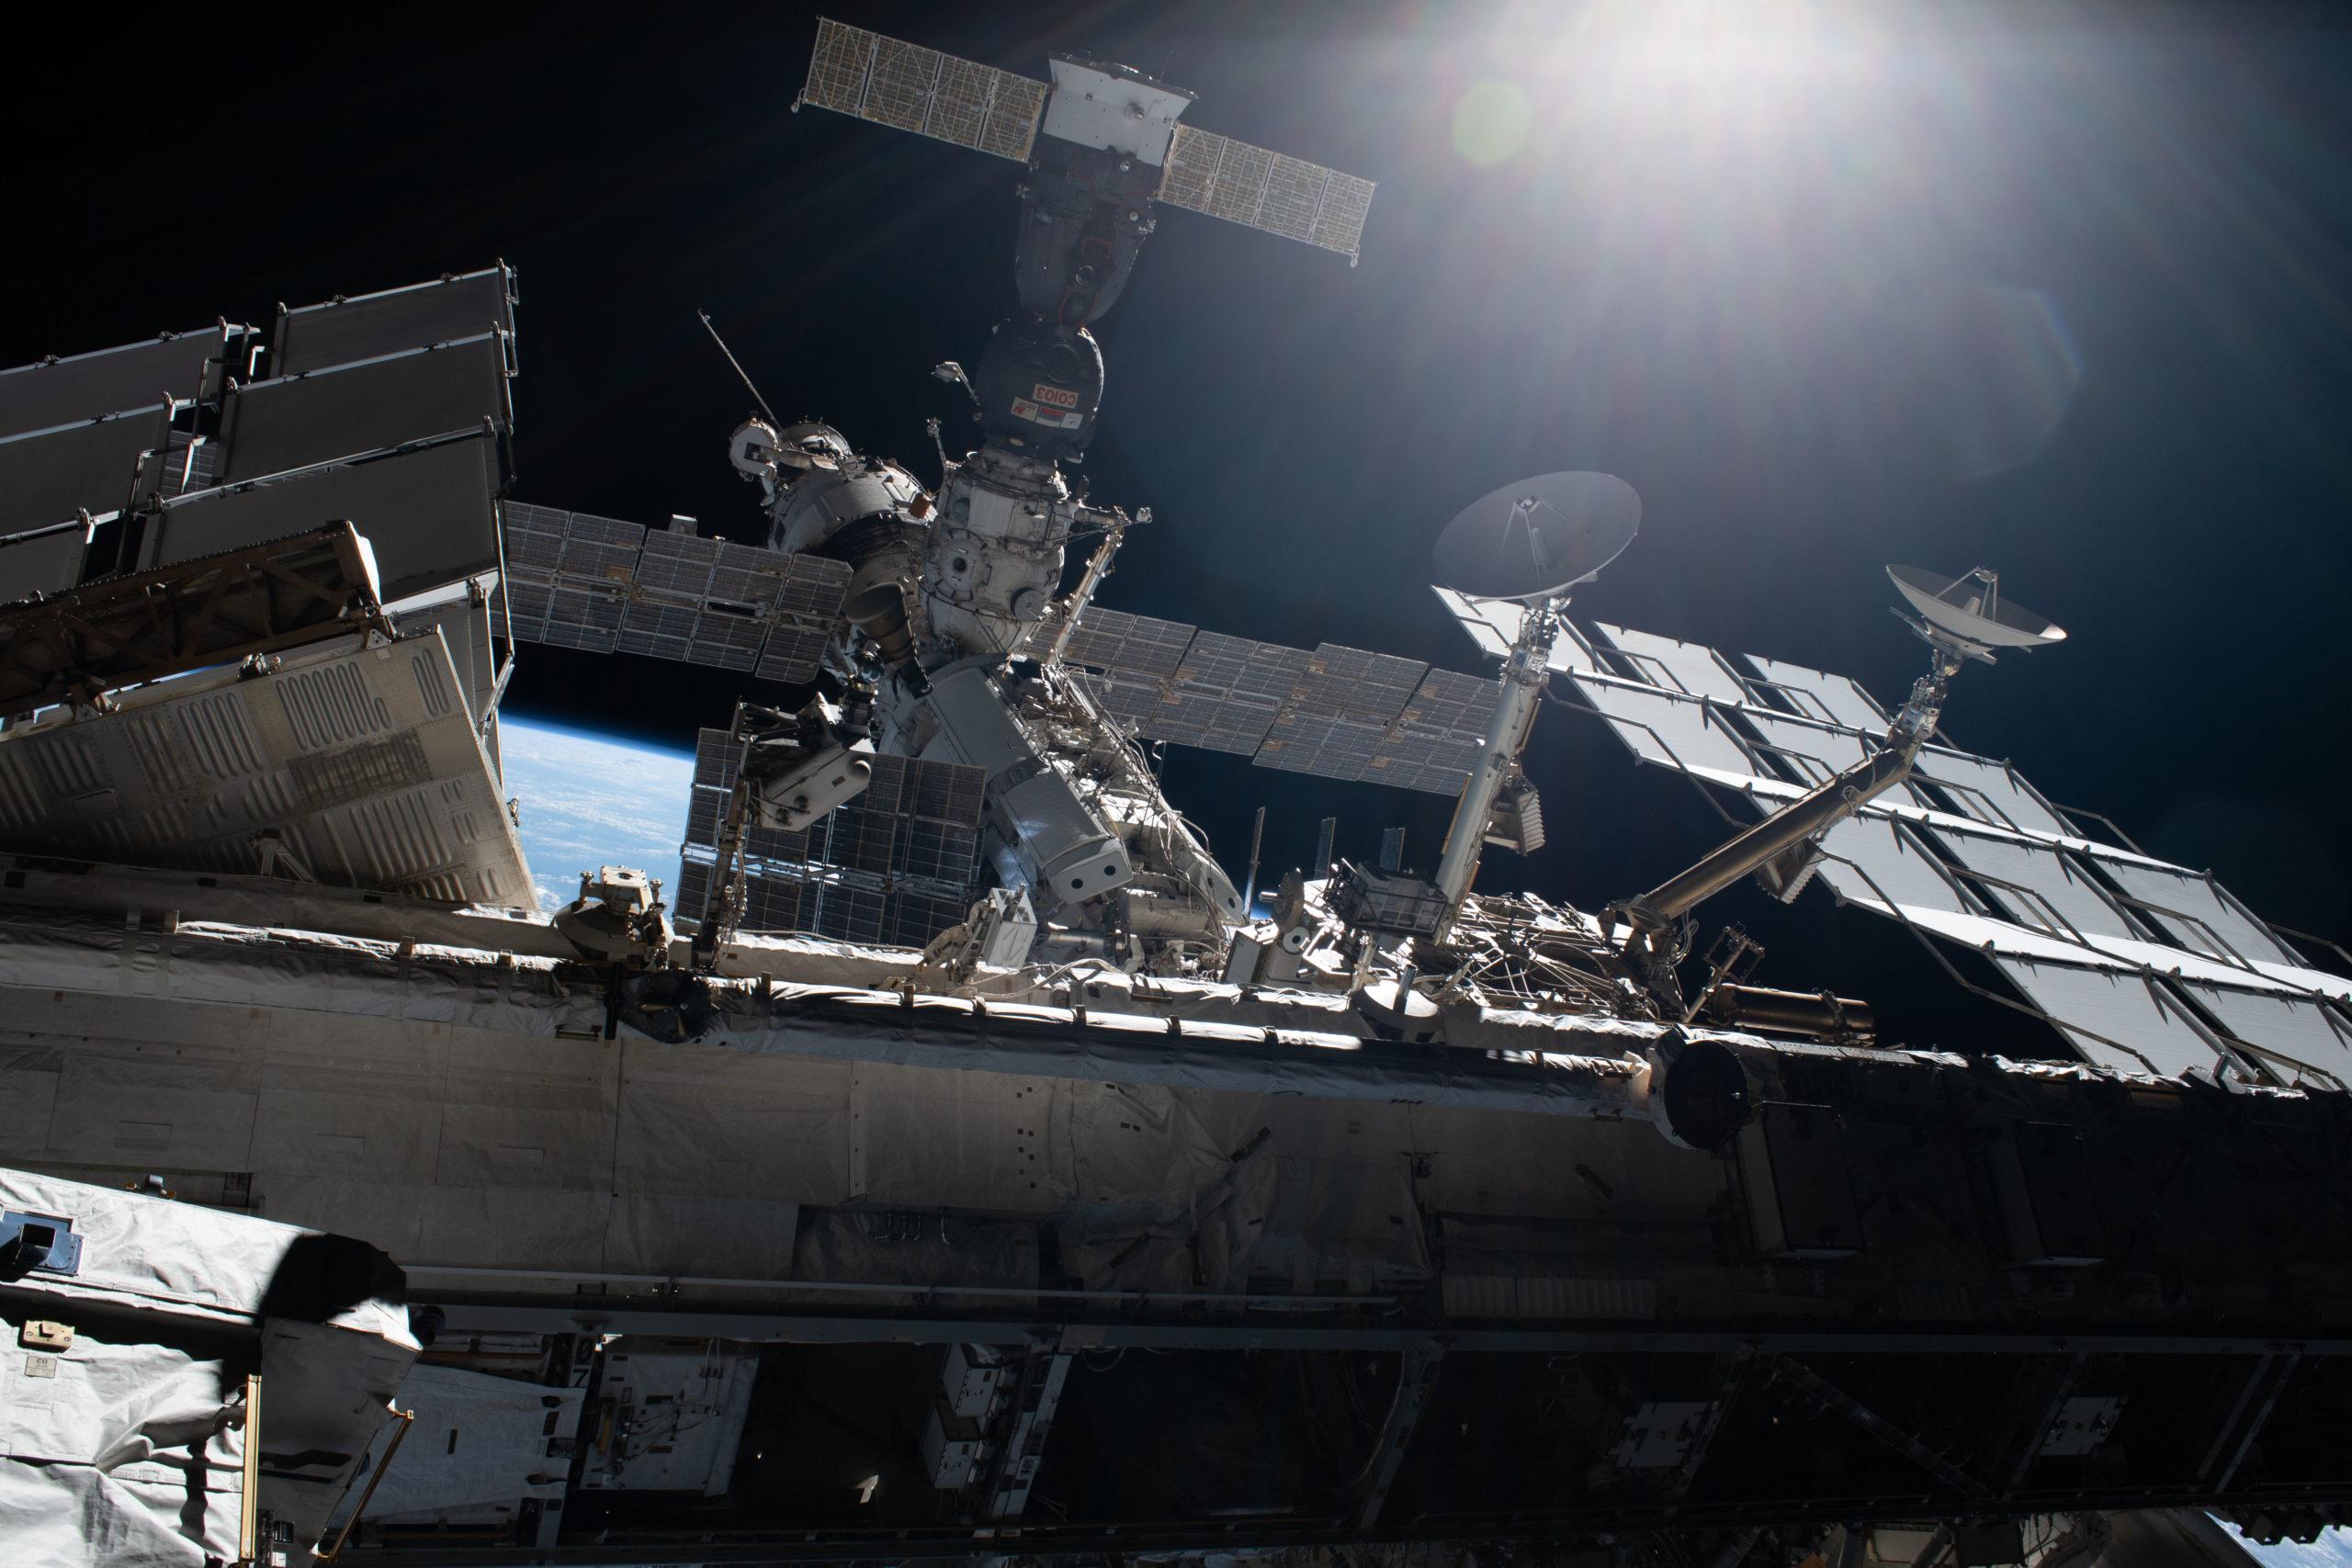 ISS: Mann mit Lichtschwert im Rücken tot aufgefunden